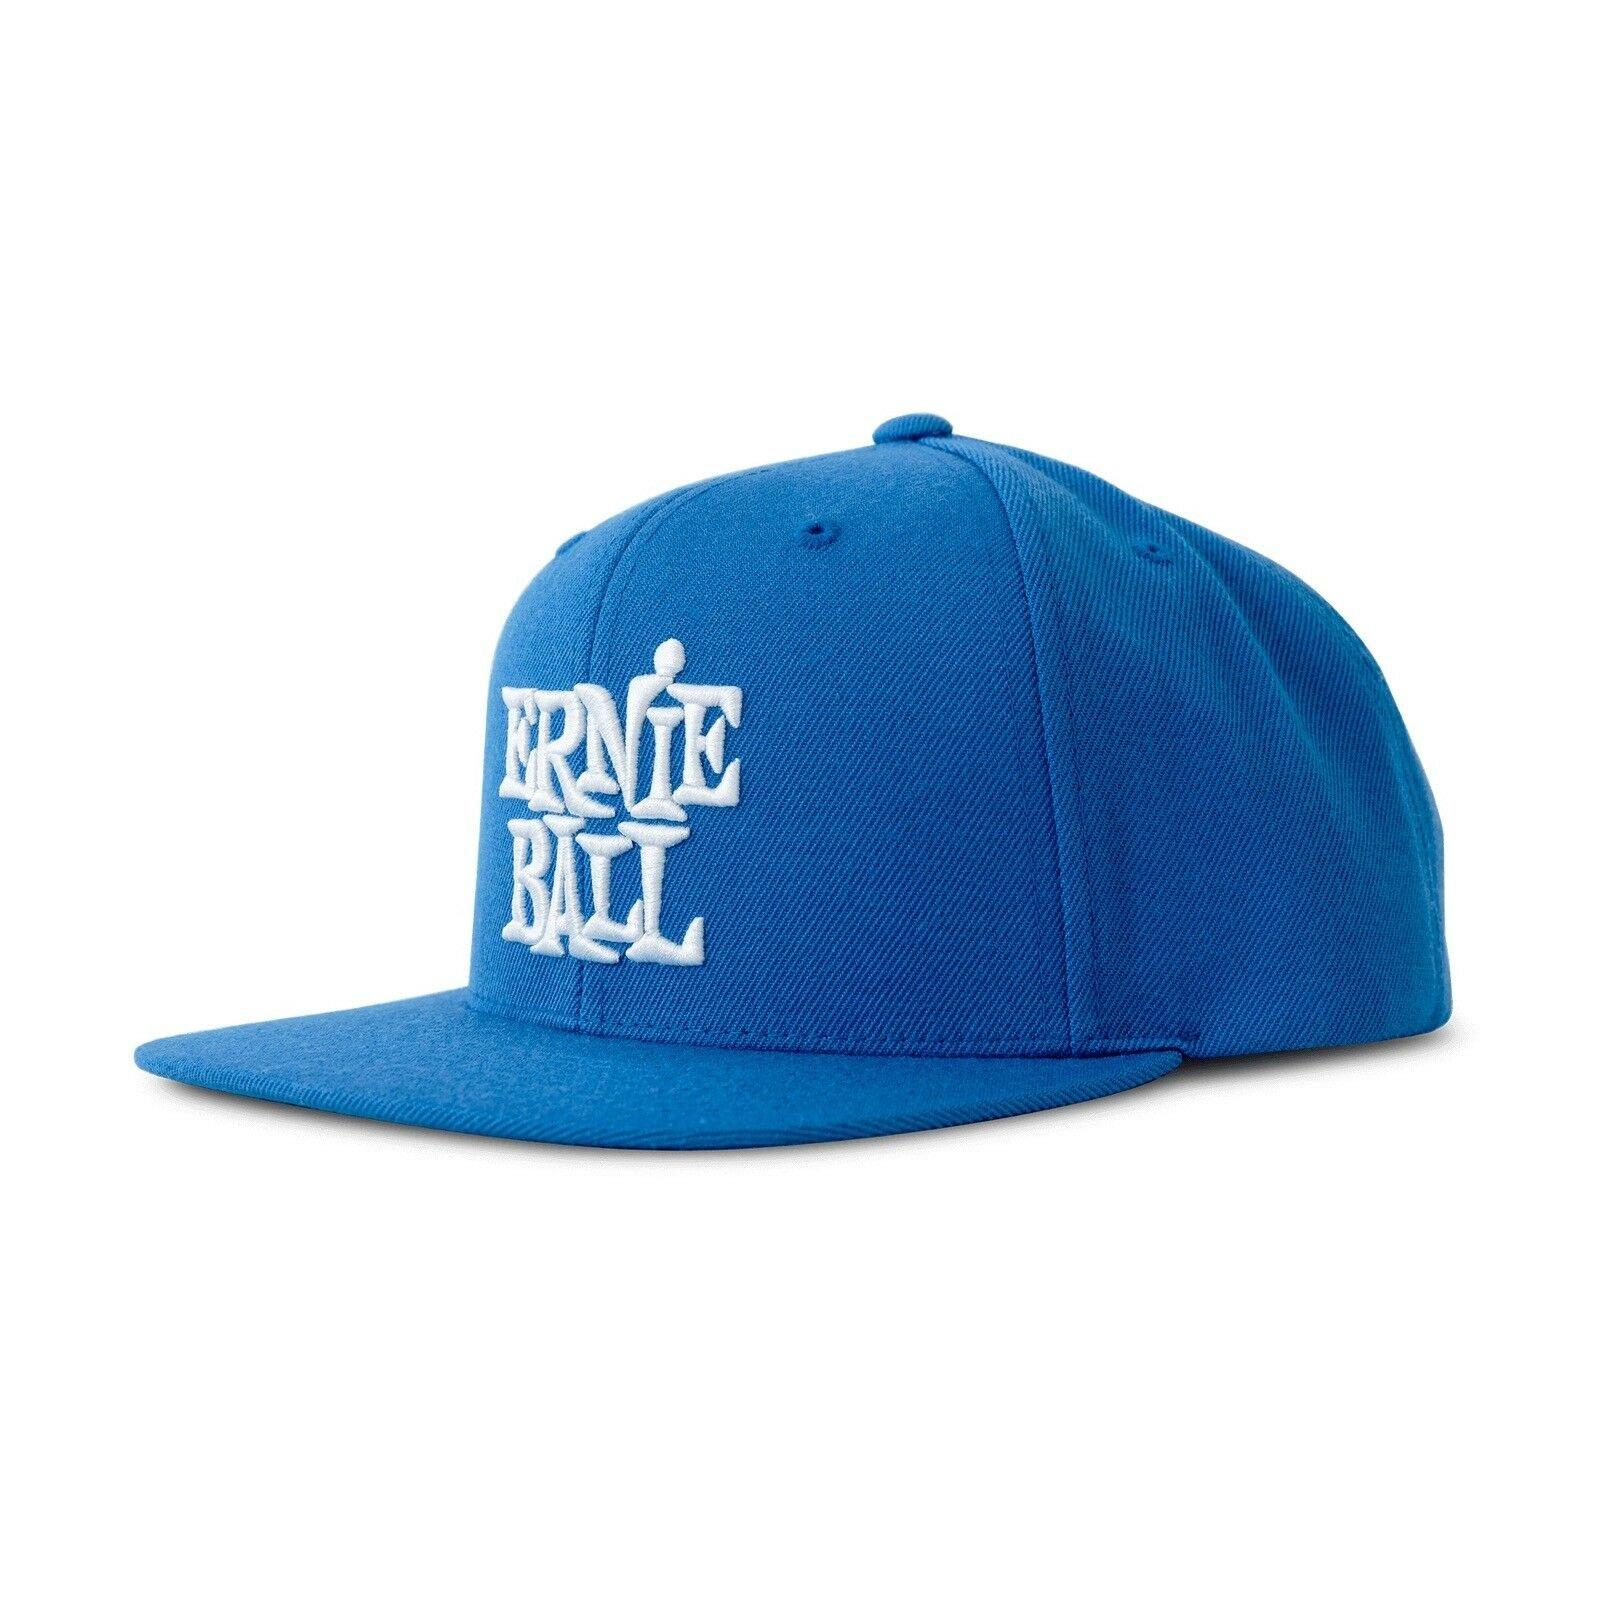 ERNIE BALL P04156 MUSIC MAN BLUE CAP W/ WHITE ERNIE BALL LOGO